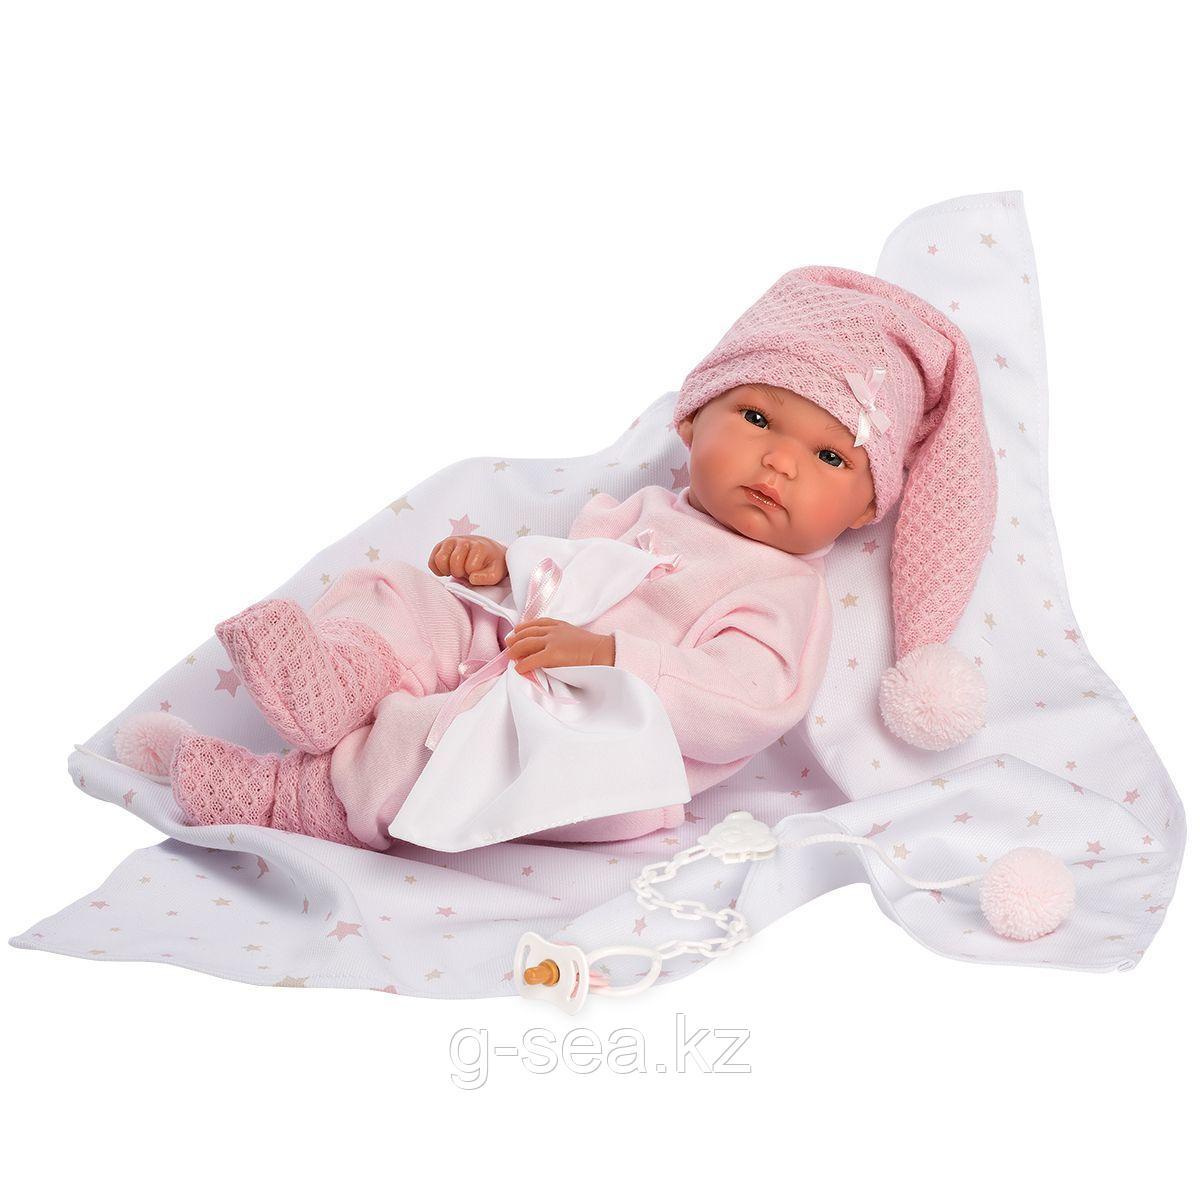 LLORENS: Пупс Малышка 35 см., с конвертиком в розовом